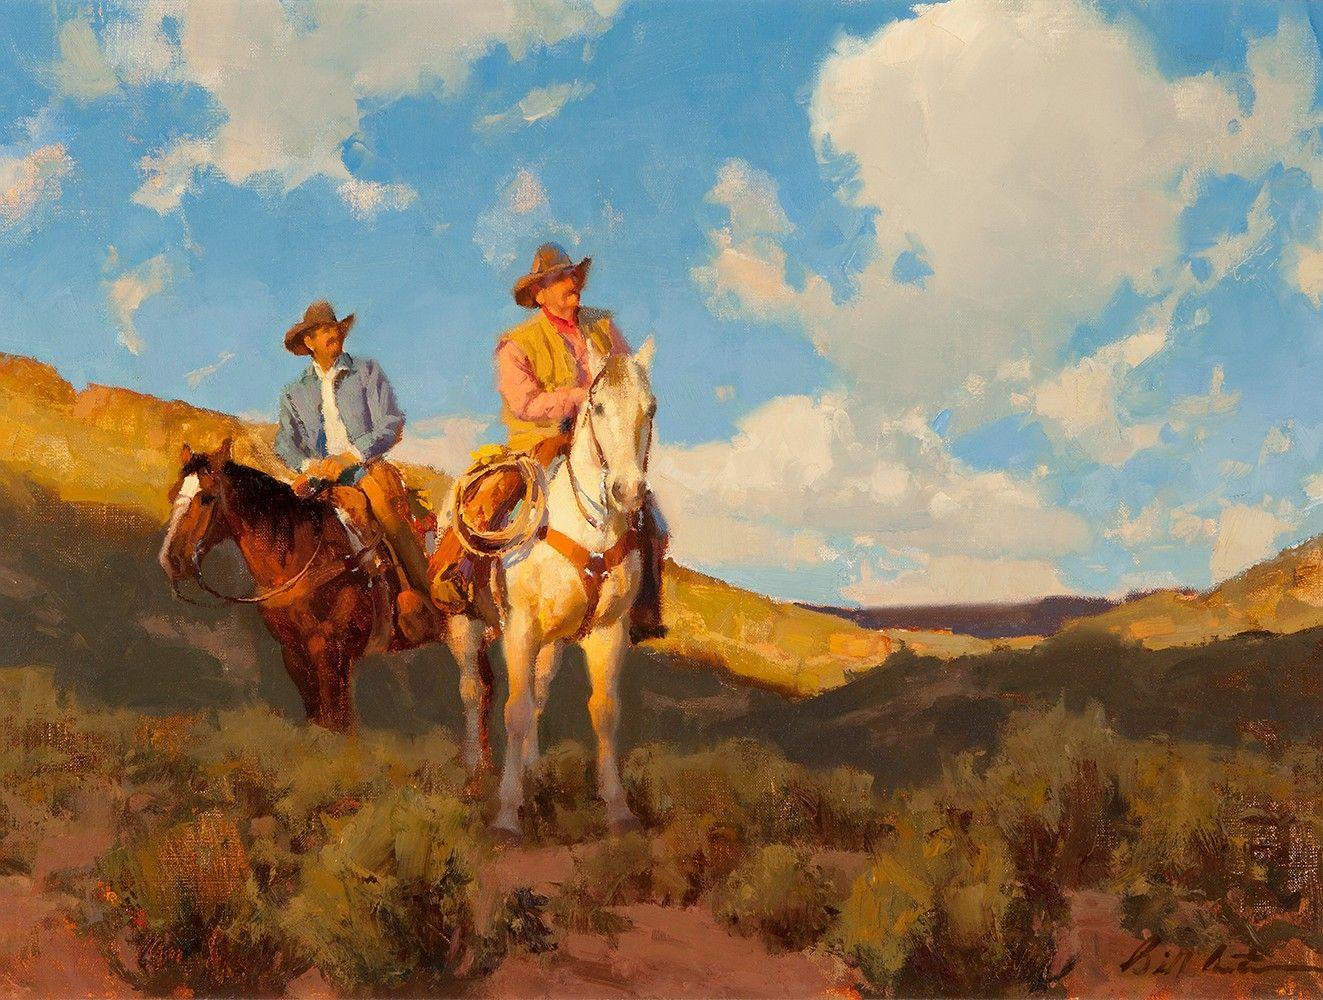 Bill anton arte ocidental arte sertaneja cavalos